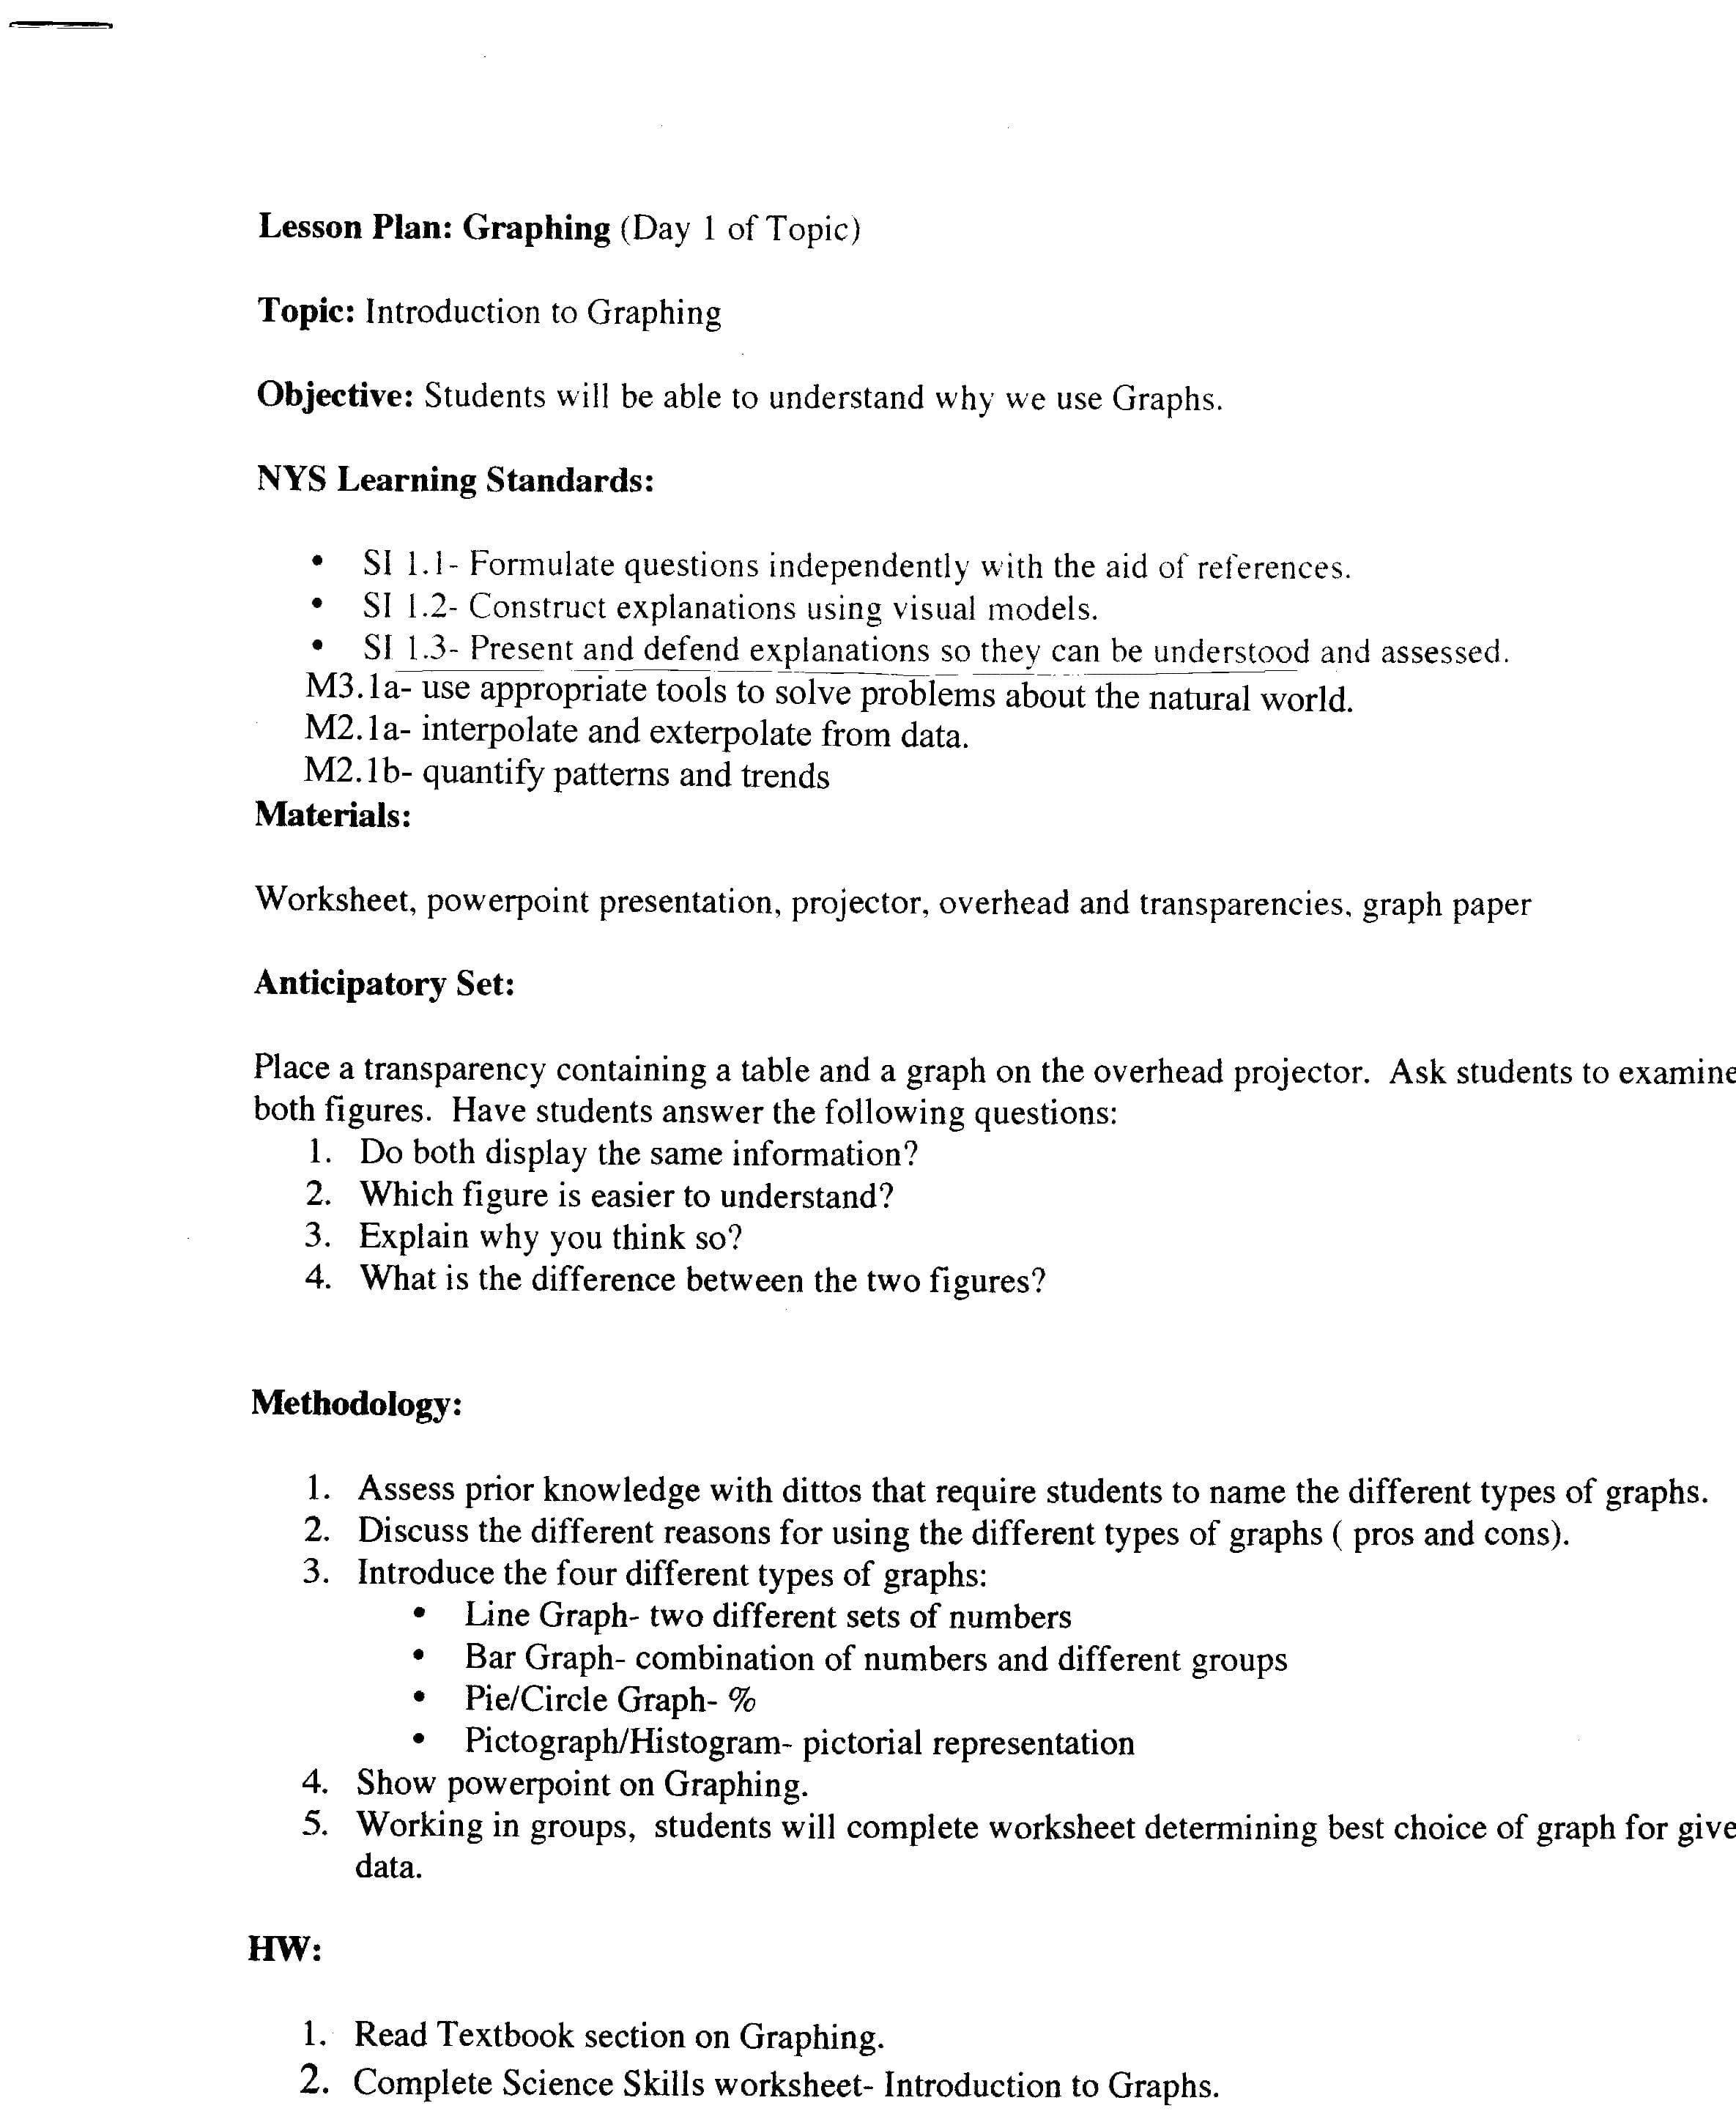 Science Skills Worksheet